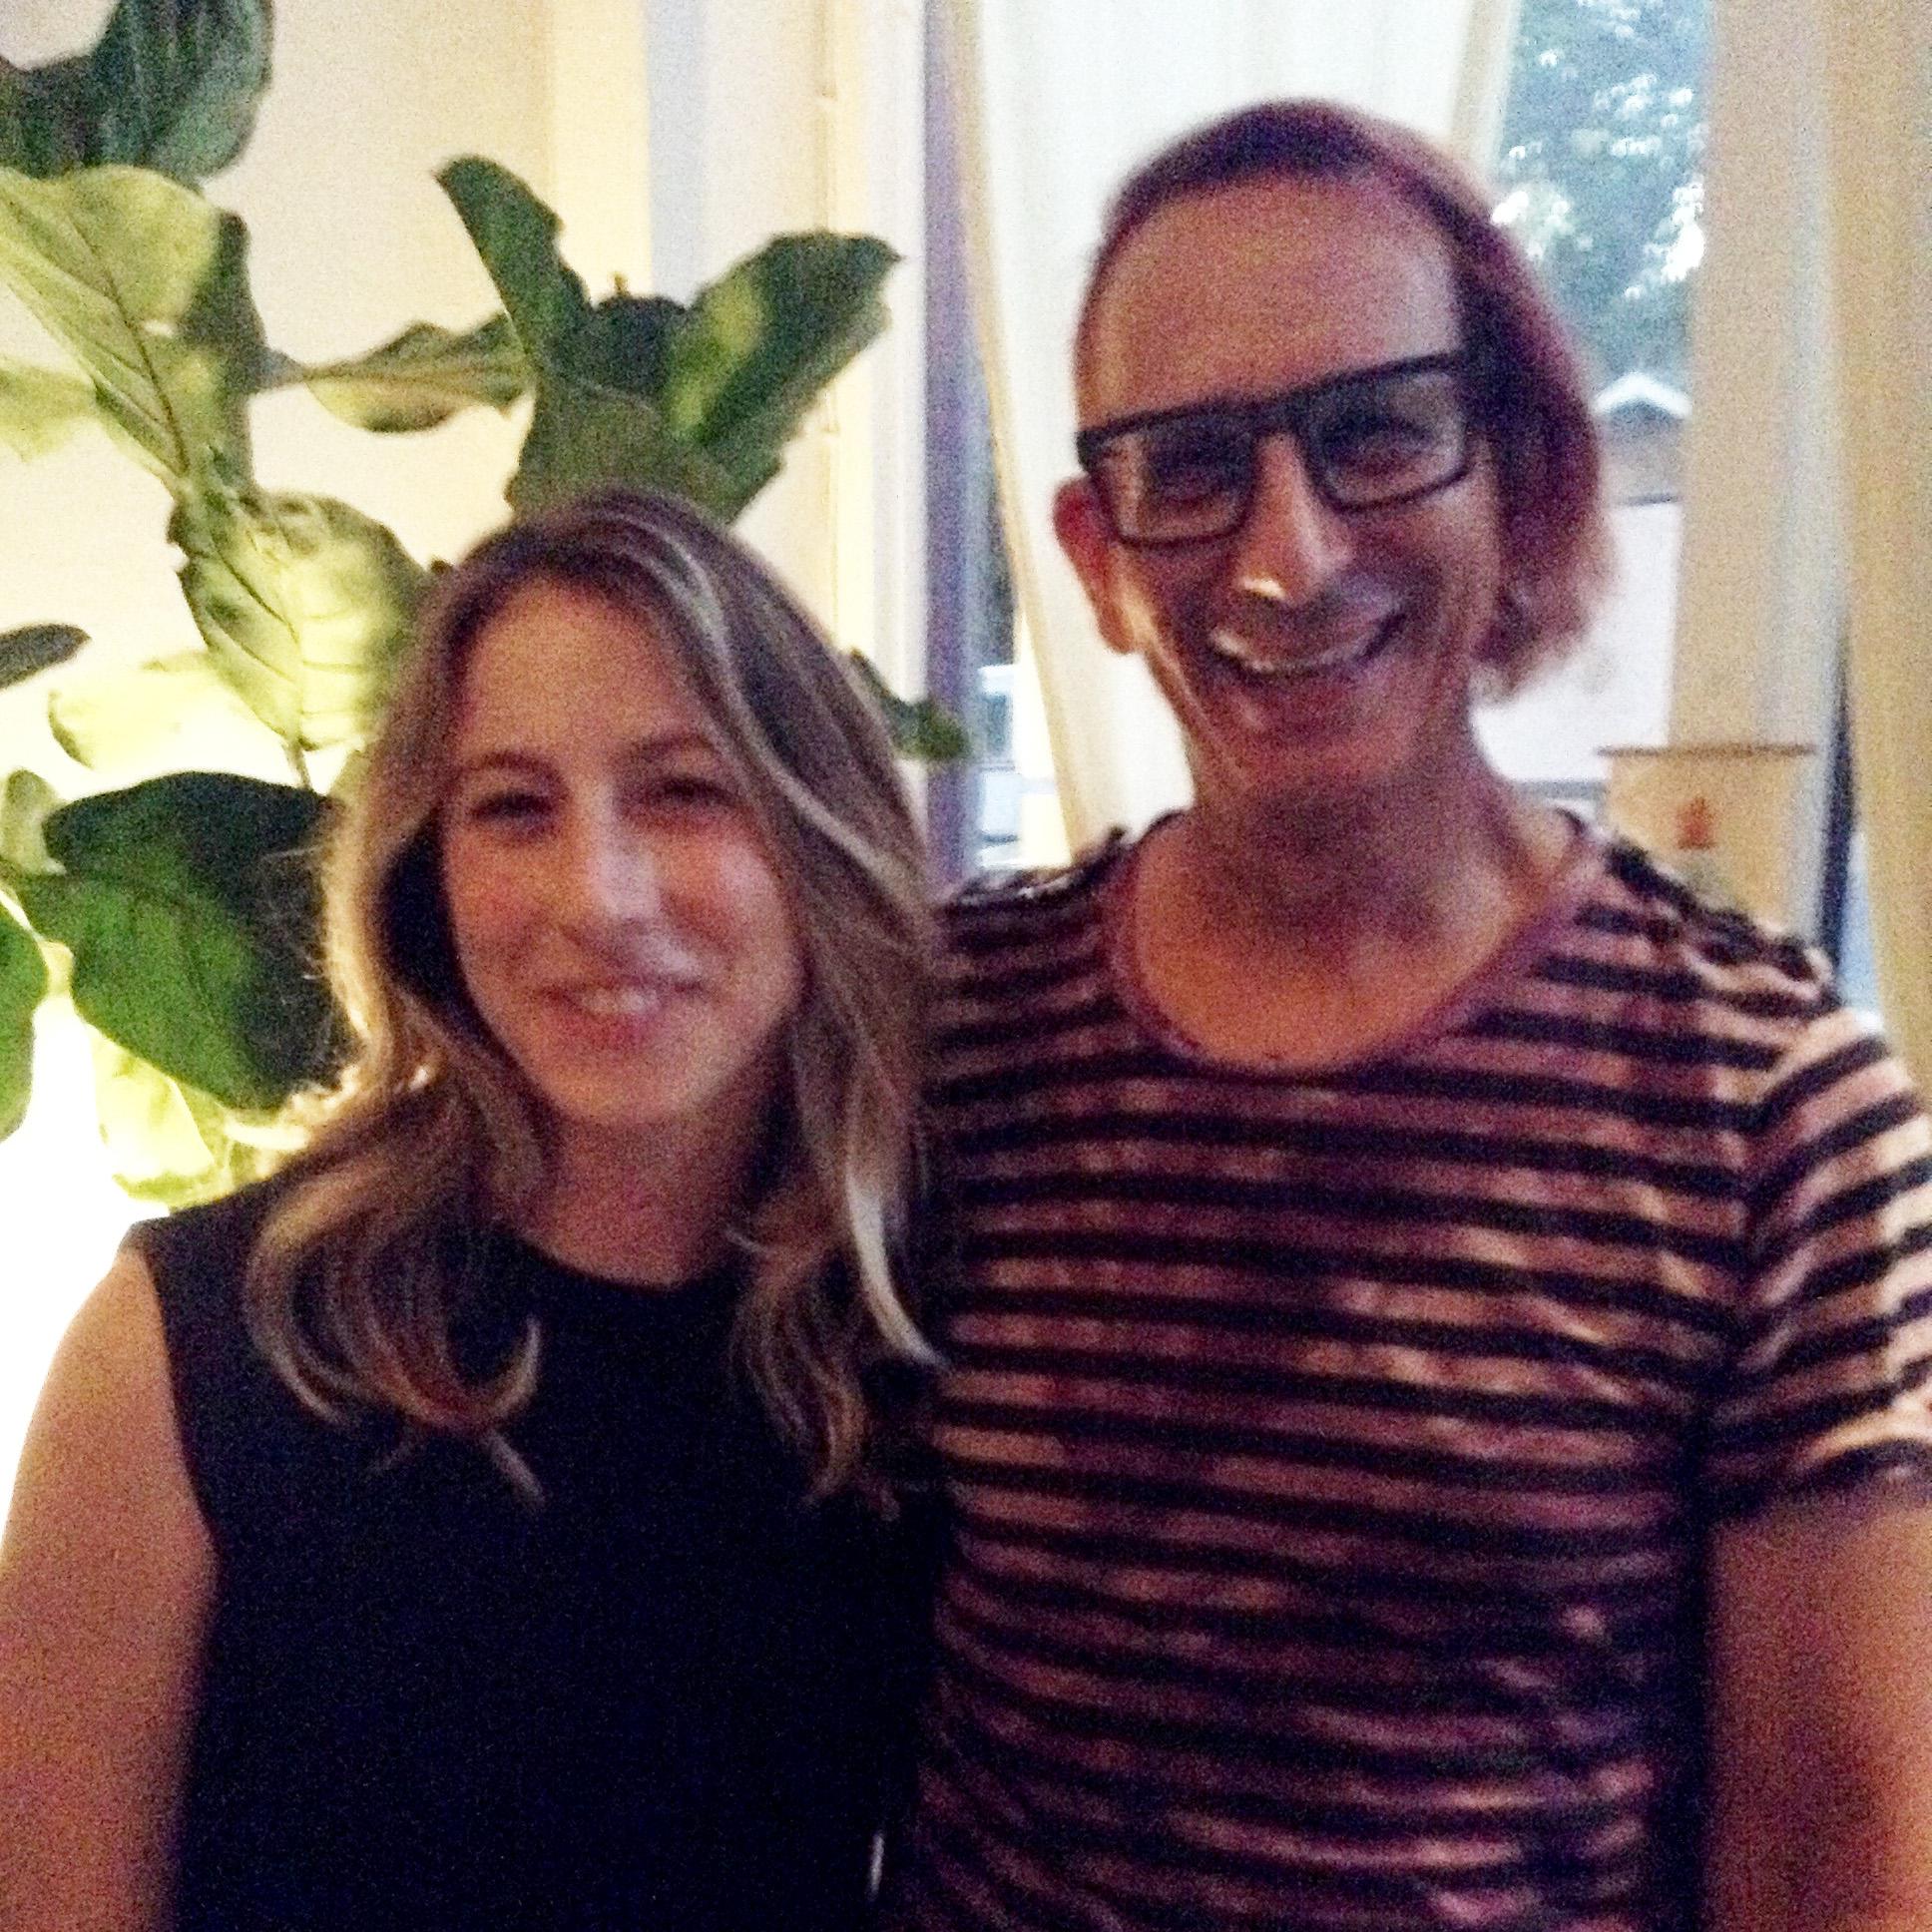 Jessie Barr & Glenn Zucman posing in the lobby of Yogala yoga studio on Echo Park Avenue in Echo Park, CA